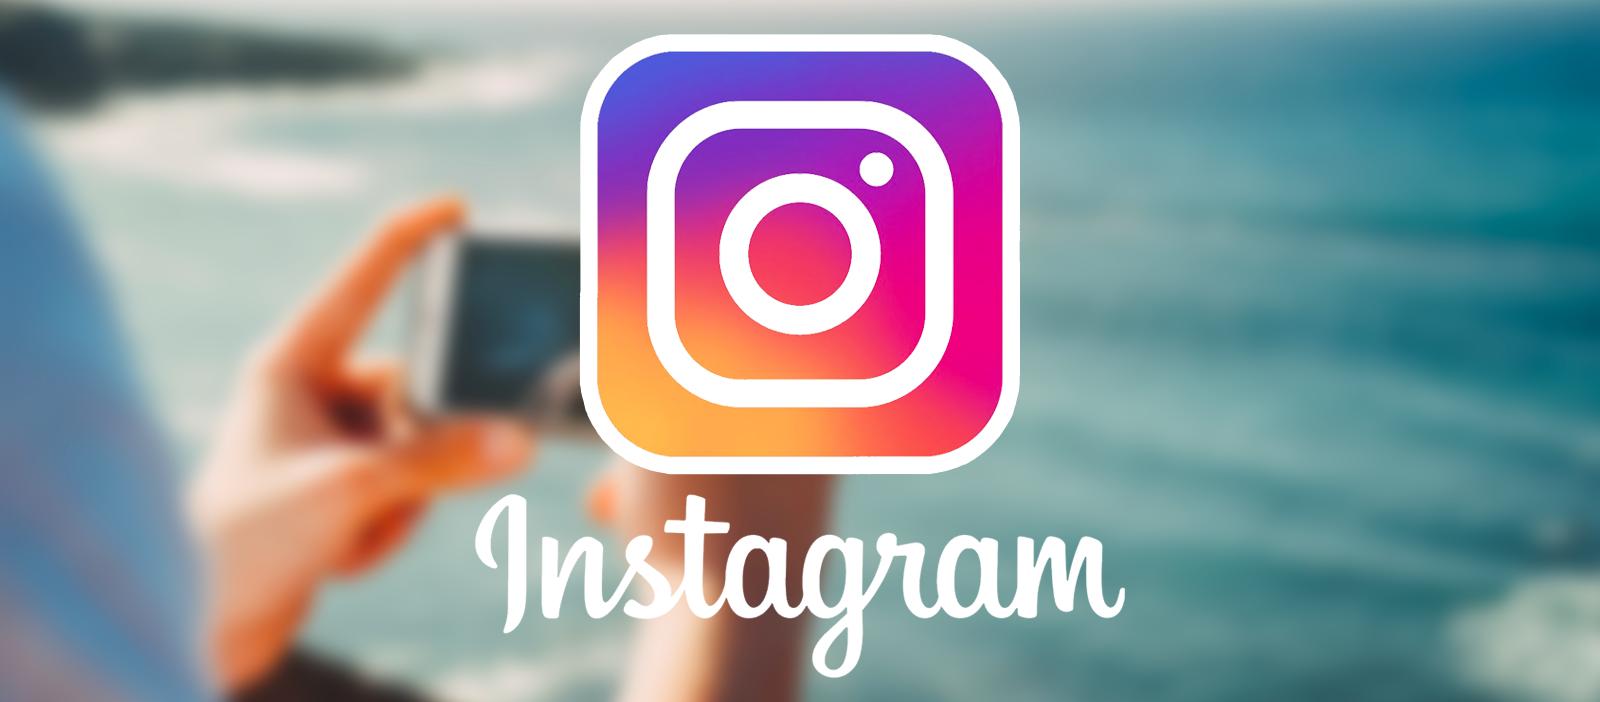 instagram 1 miliardo di utenti